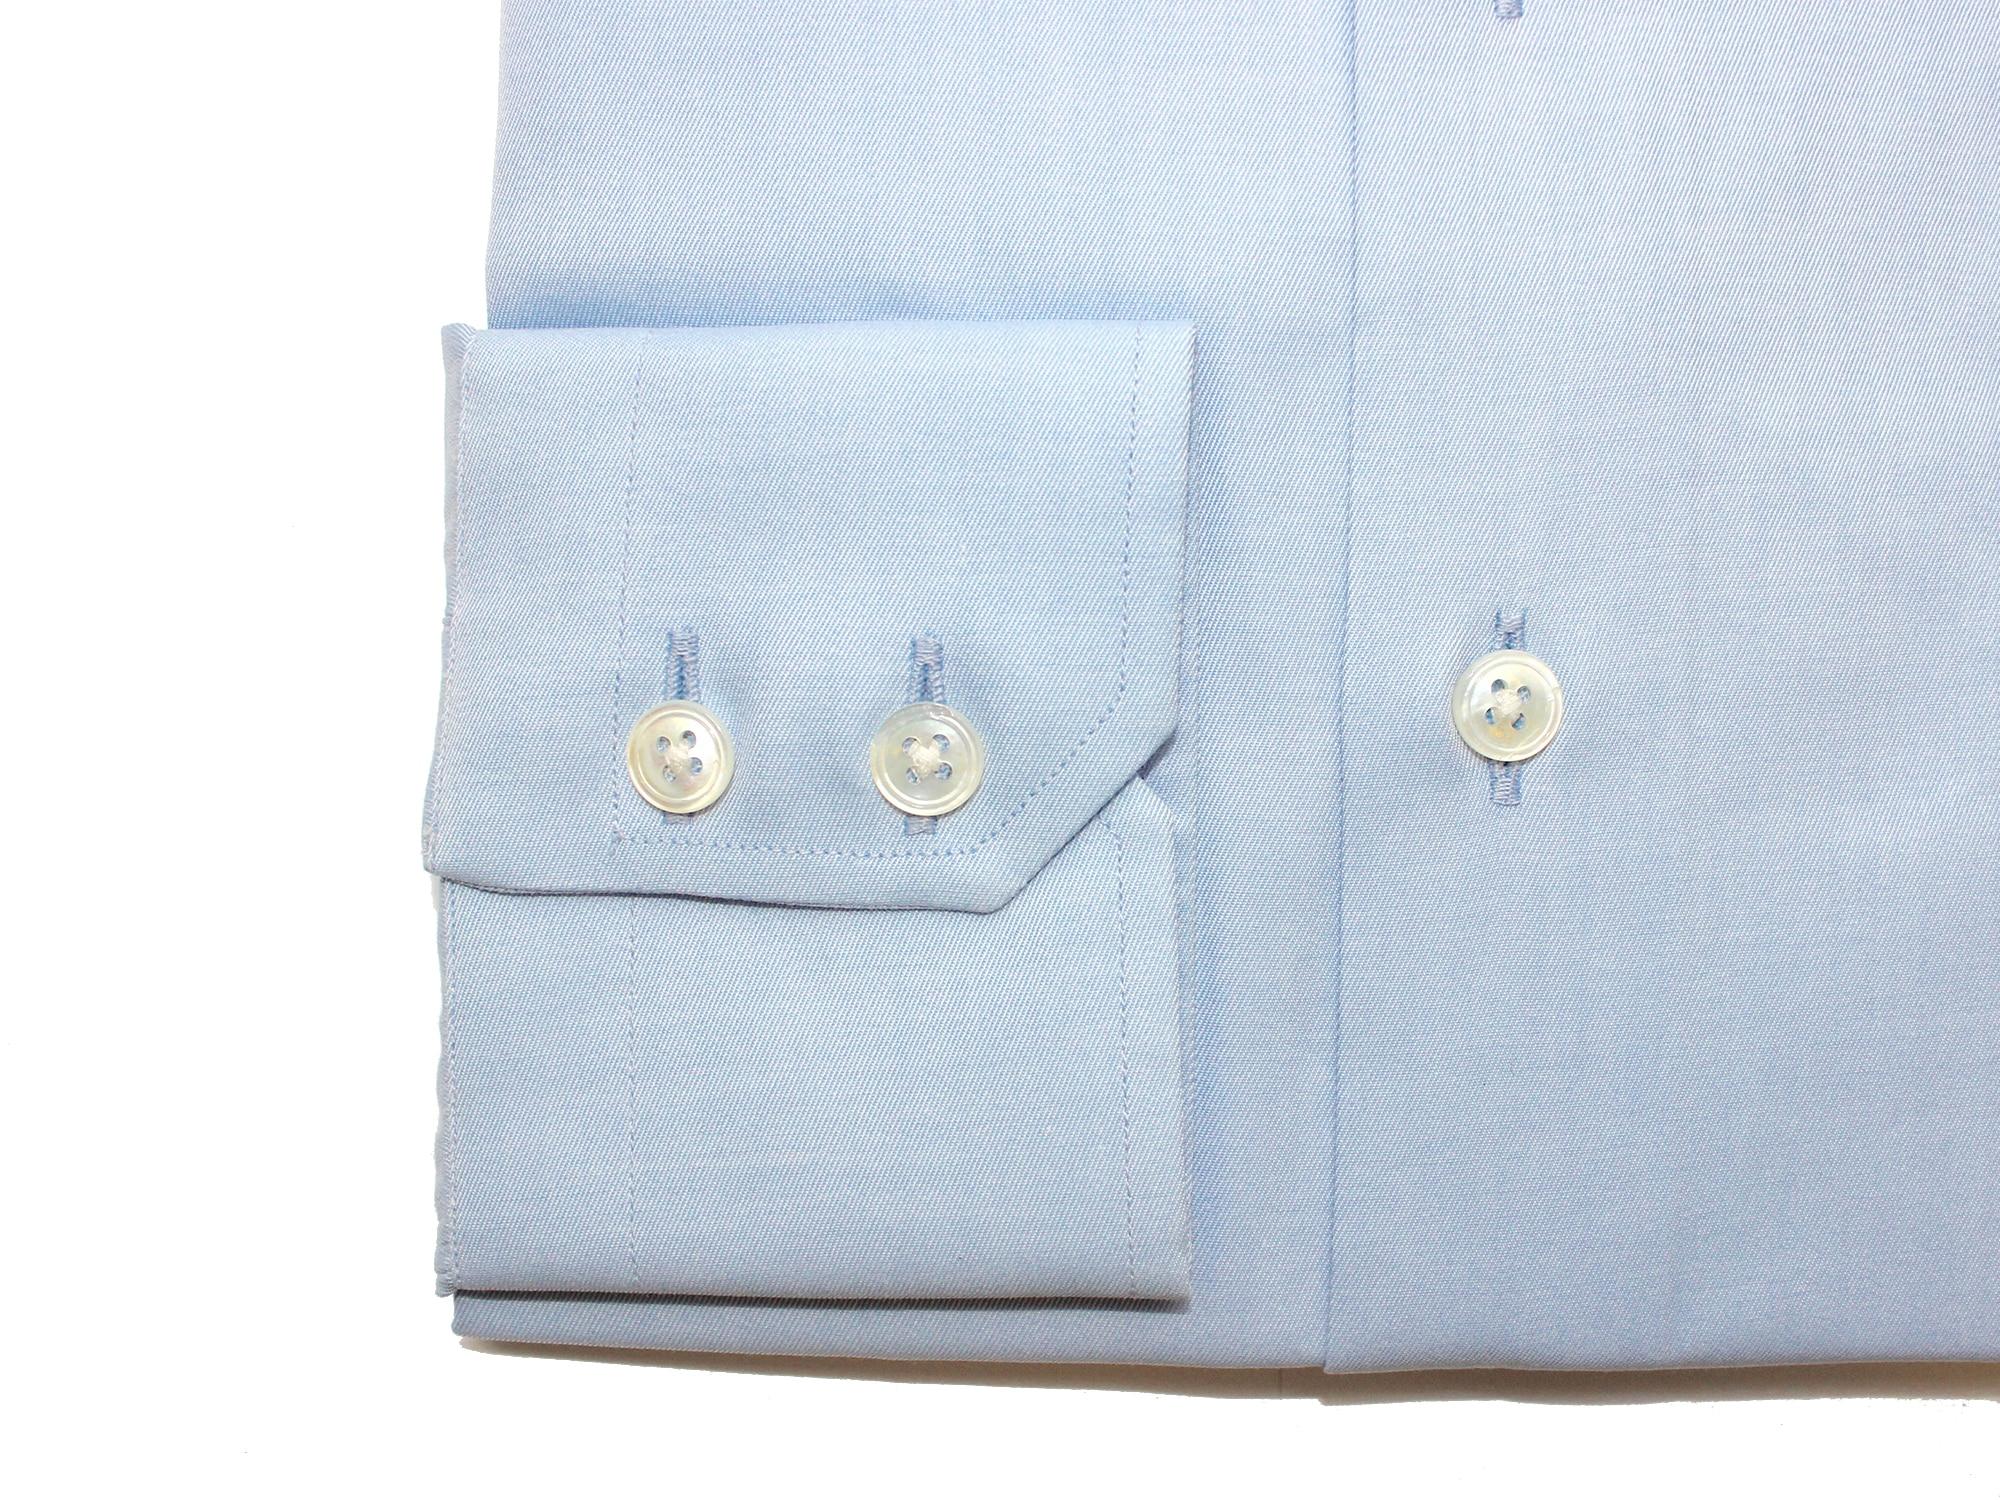 chemise bleue tissu égyptien, chemise bleue, coton égyptien, chemise en twill, chemise en coton, chemise coton égyptien, chemise sur mesure coton égyptien, chemise homme, chemise, chemises, clotilde ranno, chemise business, chemise banque, chemise de banquier, chemise businessman, blog mode, clotilde ranno, chemise sur mesure, chemise luxe, chemise sur mesure luxe